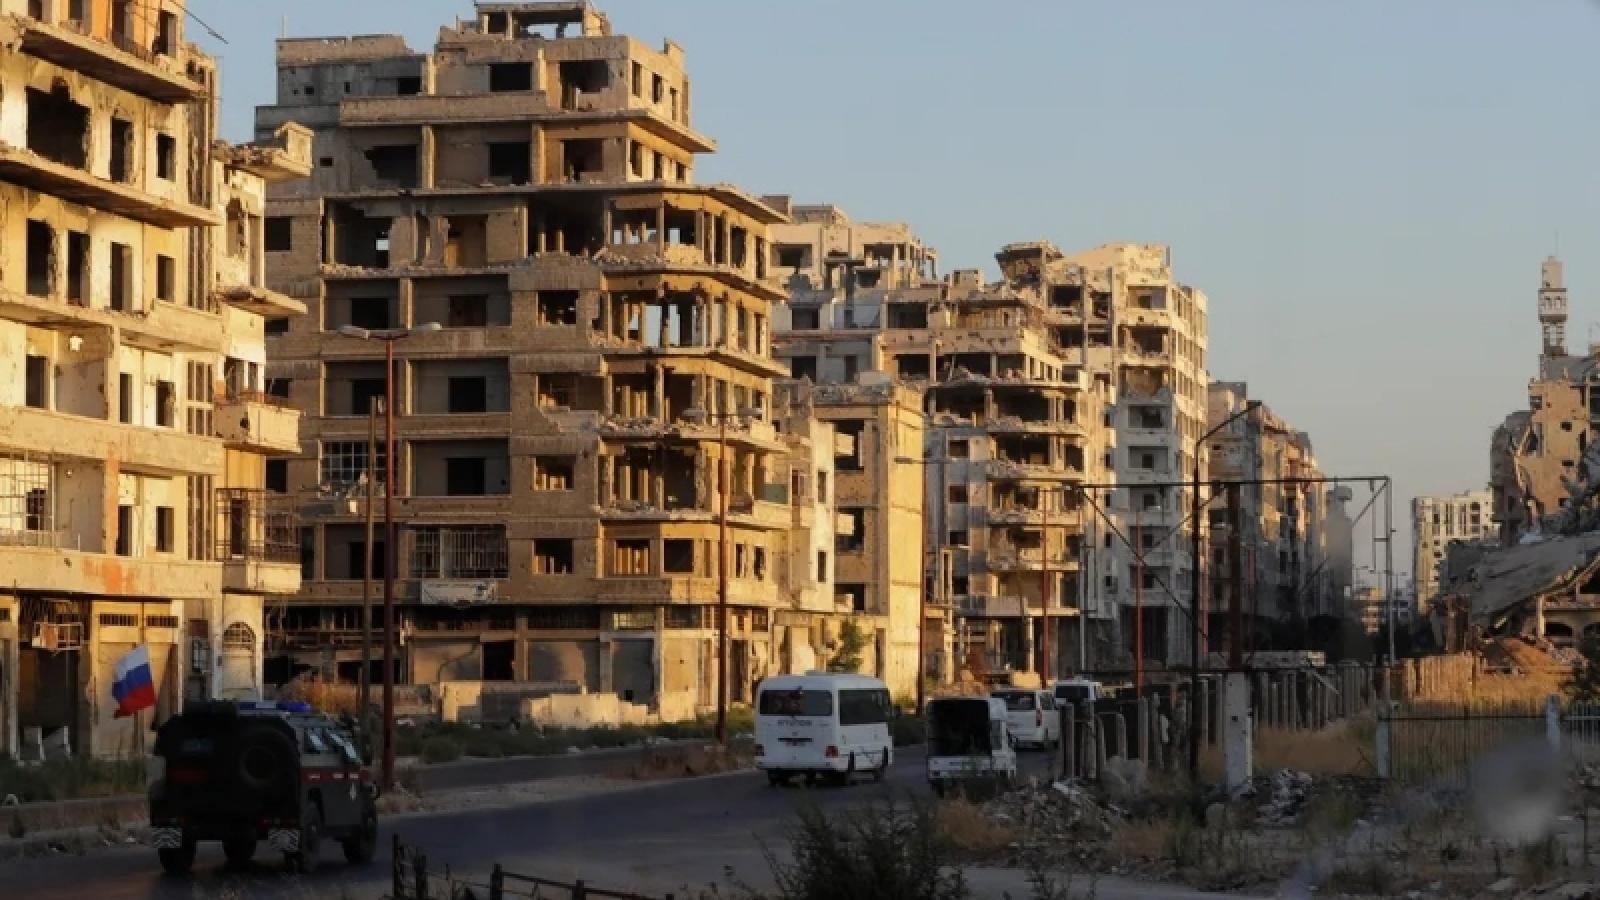 Chiến tranh ở Syria khiến hơn 350.000 người thiệt mạng